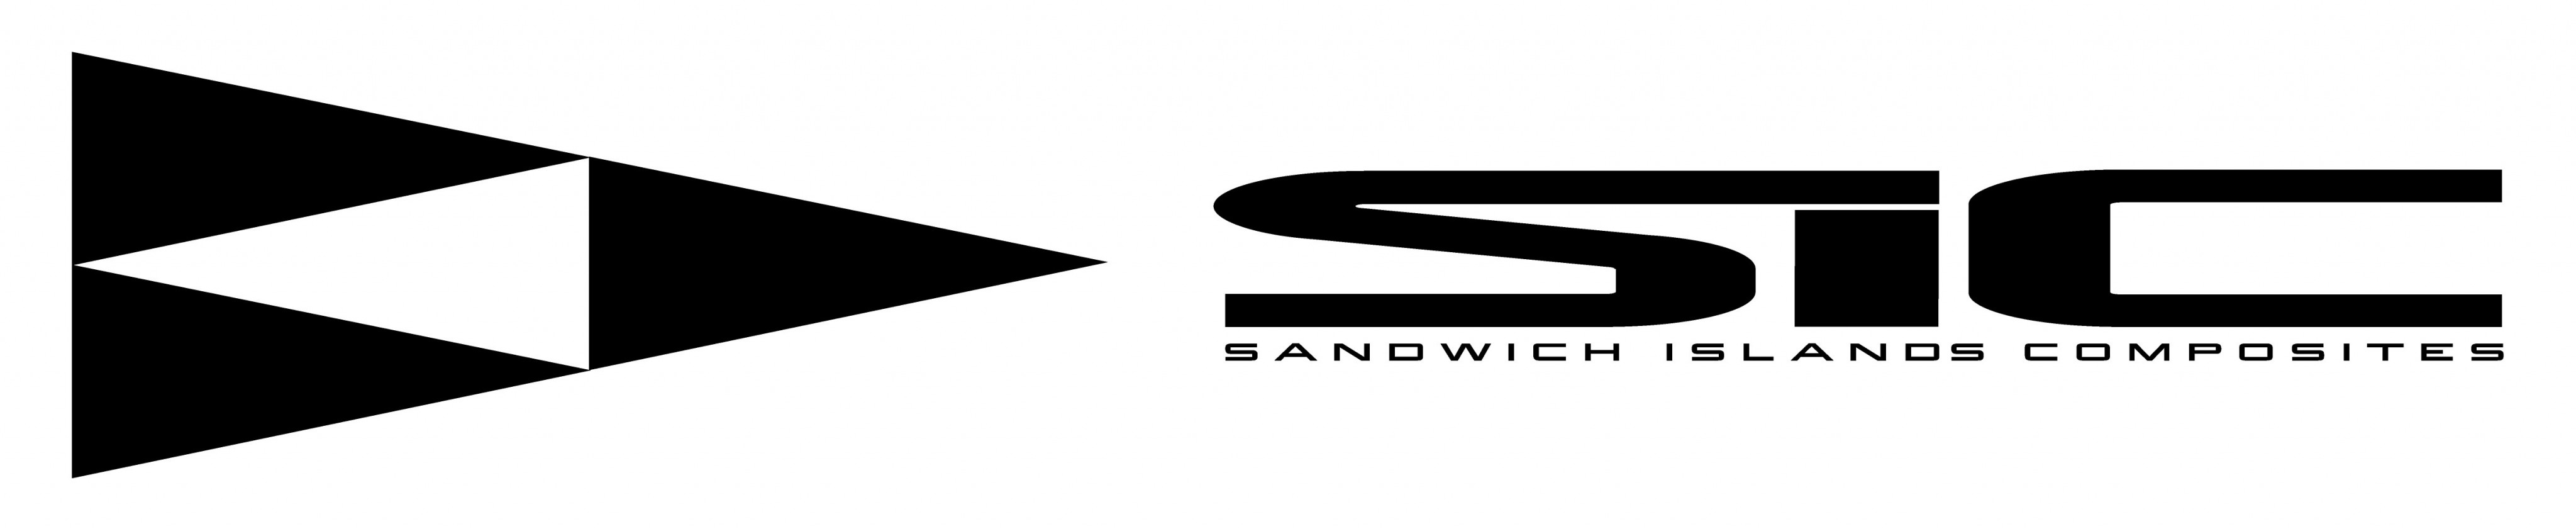 sic-logo-2.jpg